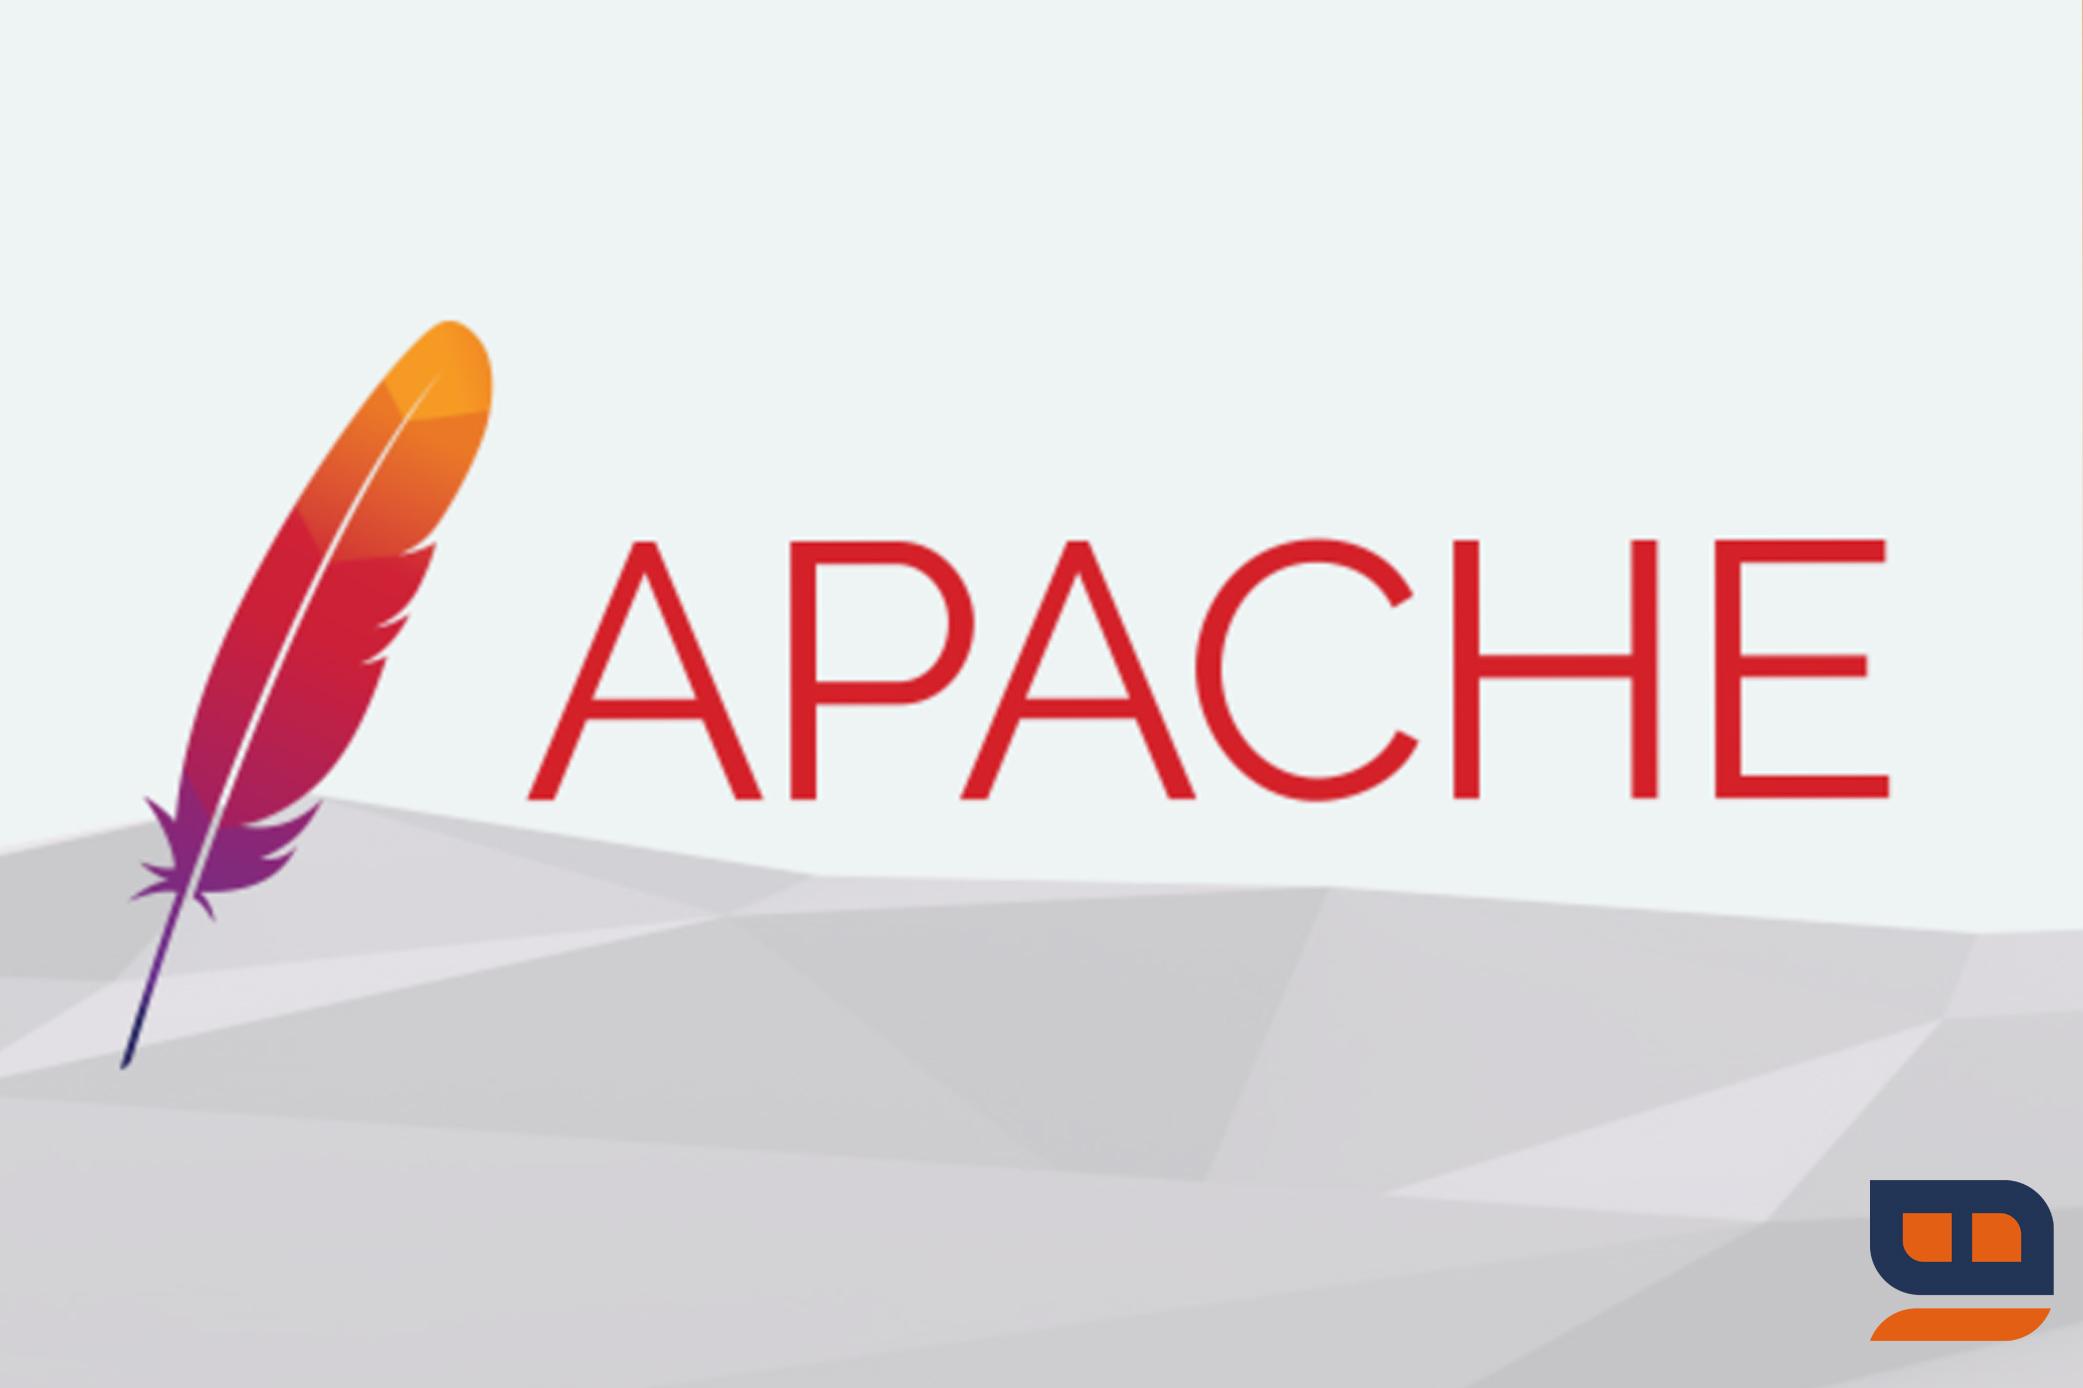 تصویر وبسرور آپاچی (Apache) چیست و چه کاربردی دارد؟